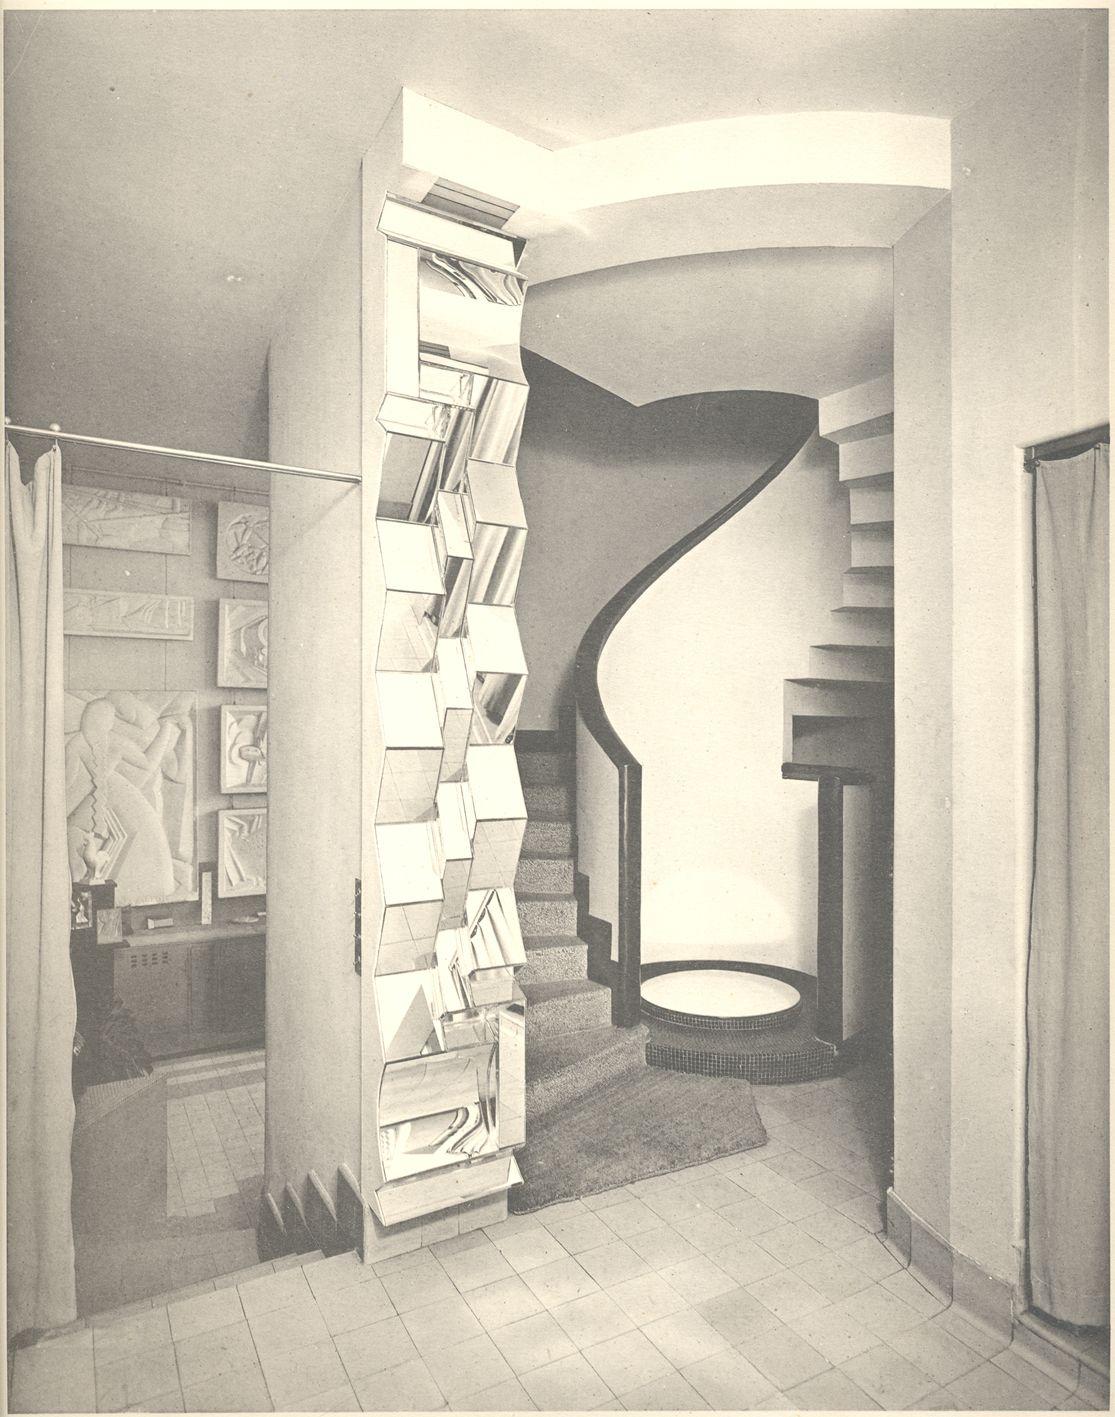 rob mallet stevens architecte paris entr e de l 39 h tel de mm j et j m paris miroir. Black Bedroom Furniture Sets. Home Design Ideas